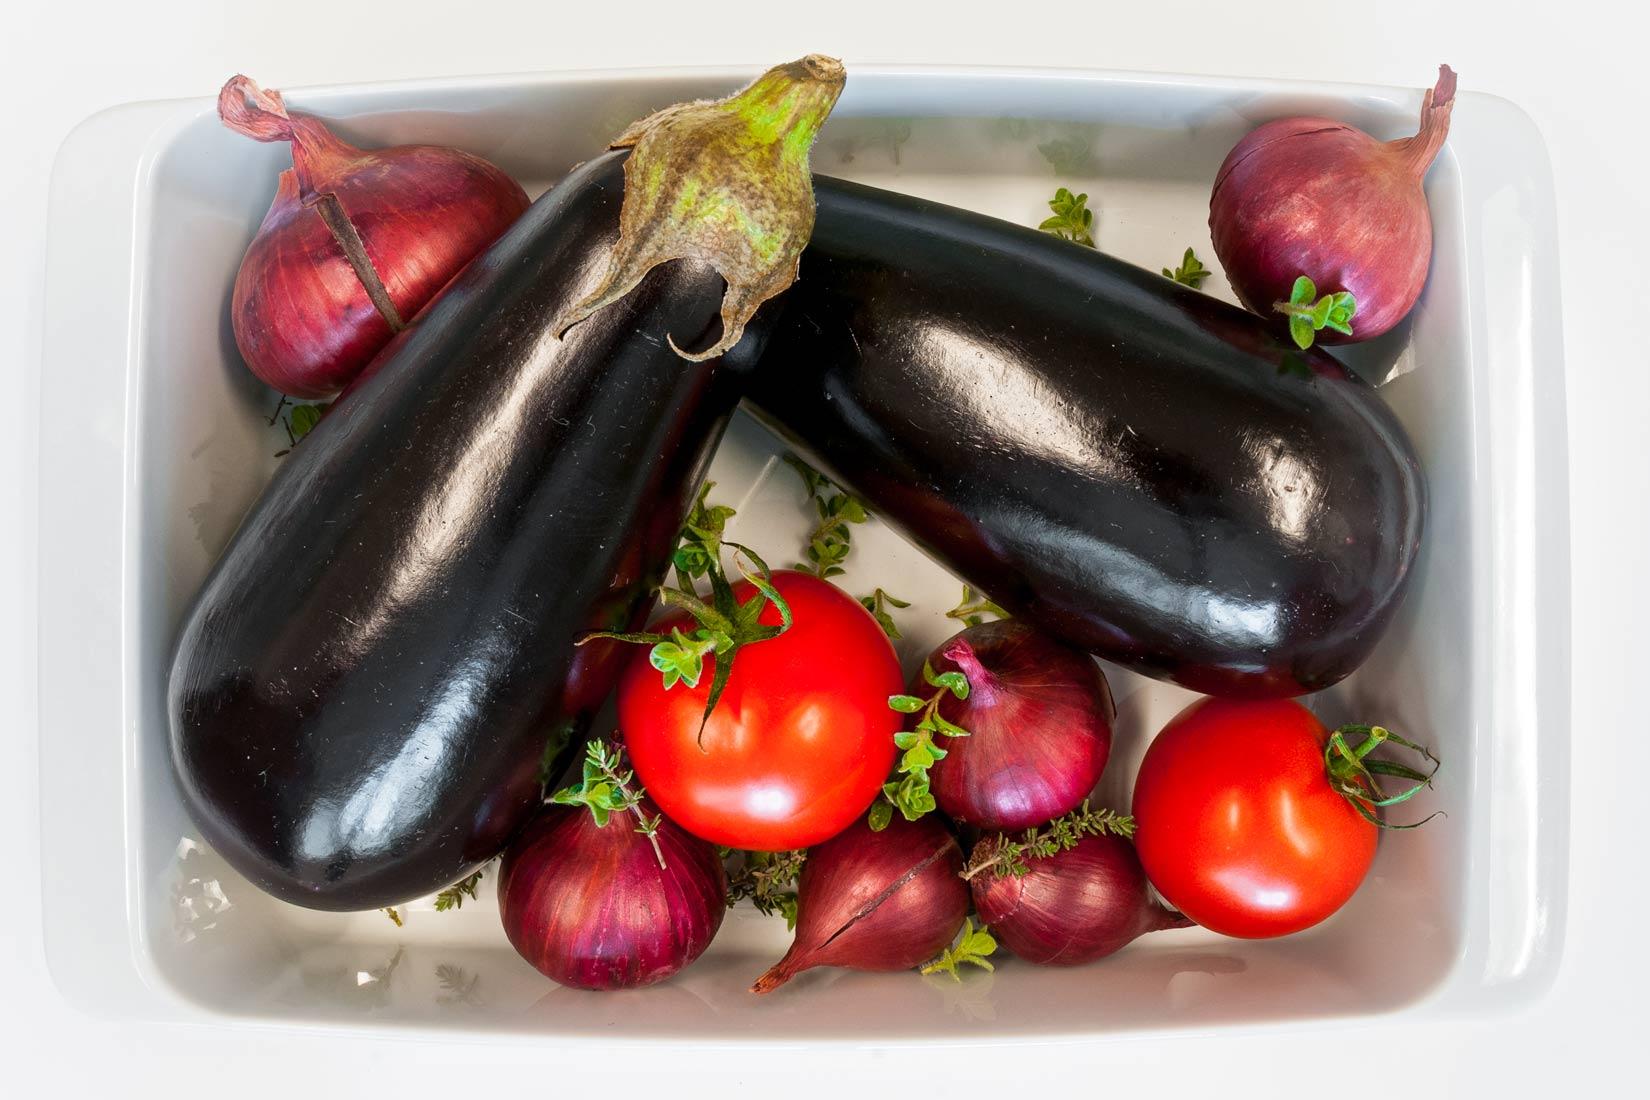 Lilek, rajčata, cibule a bylinky - základní pilíře Imámu